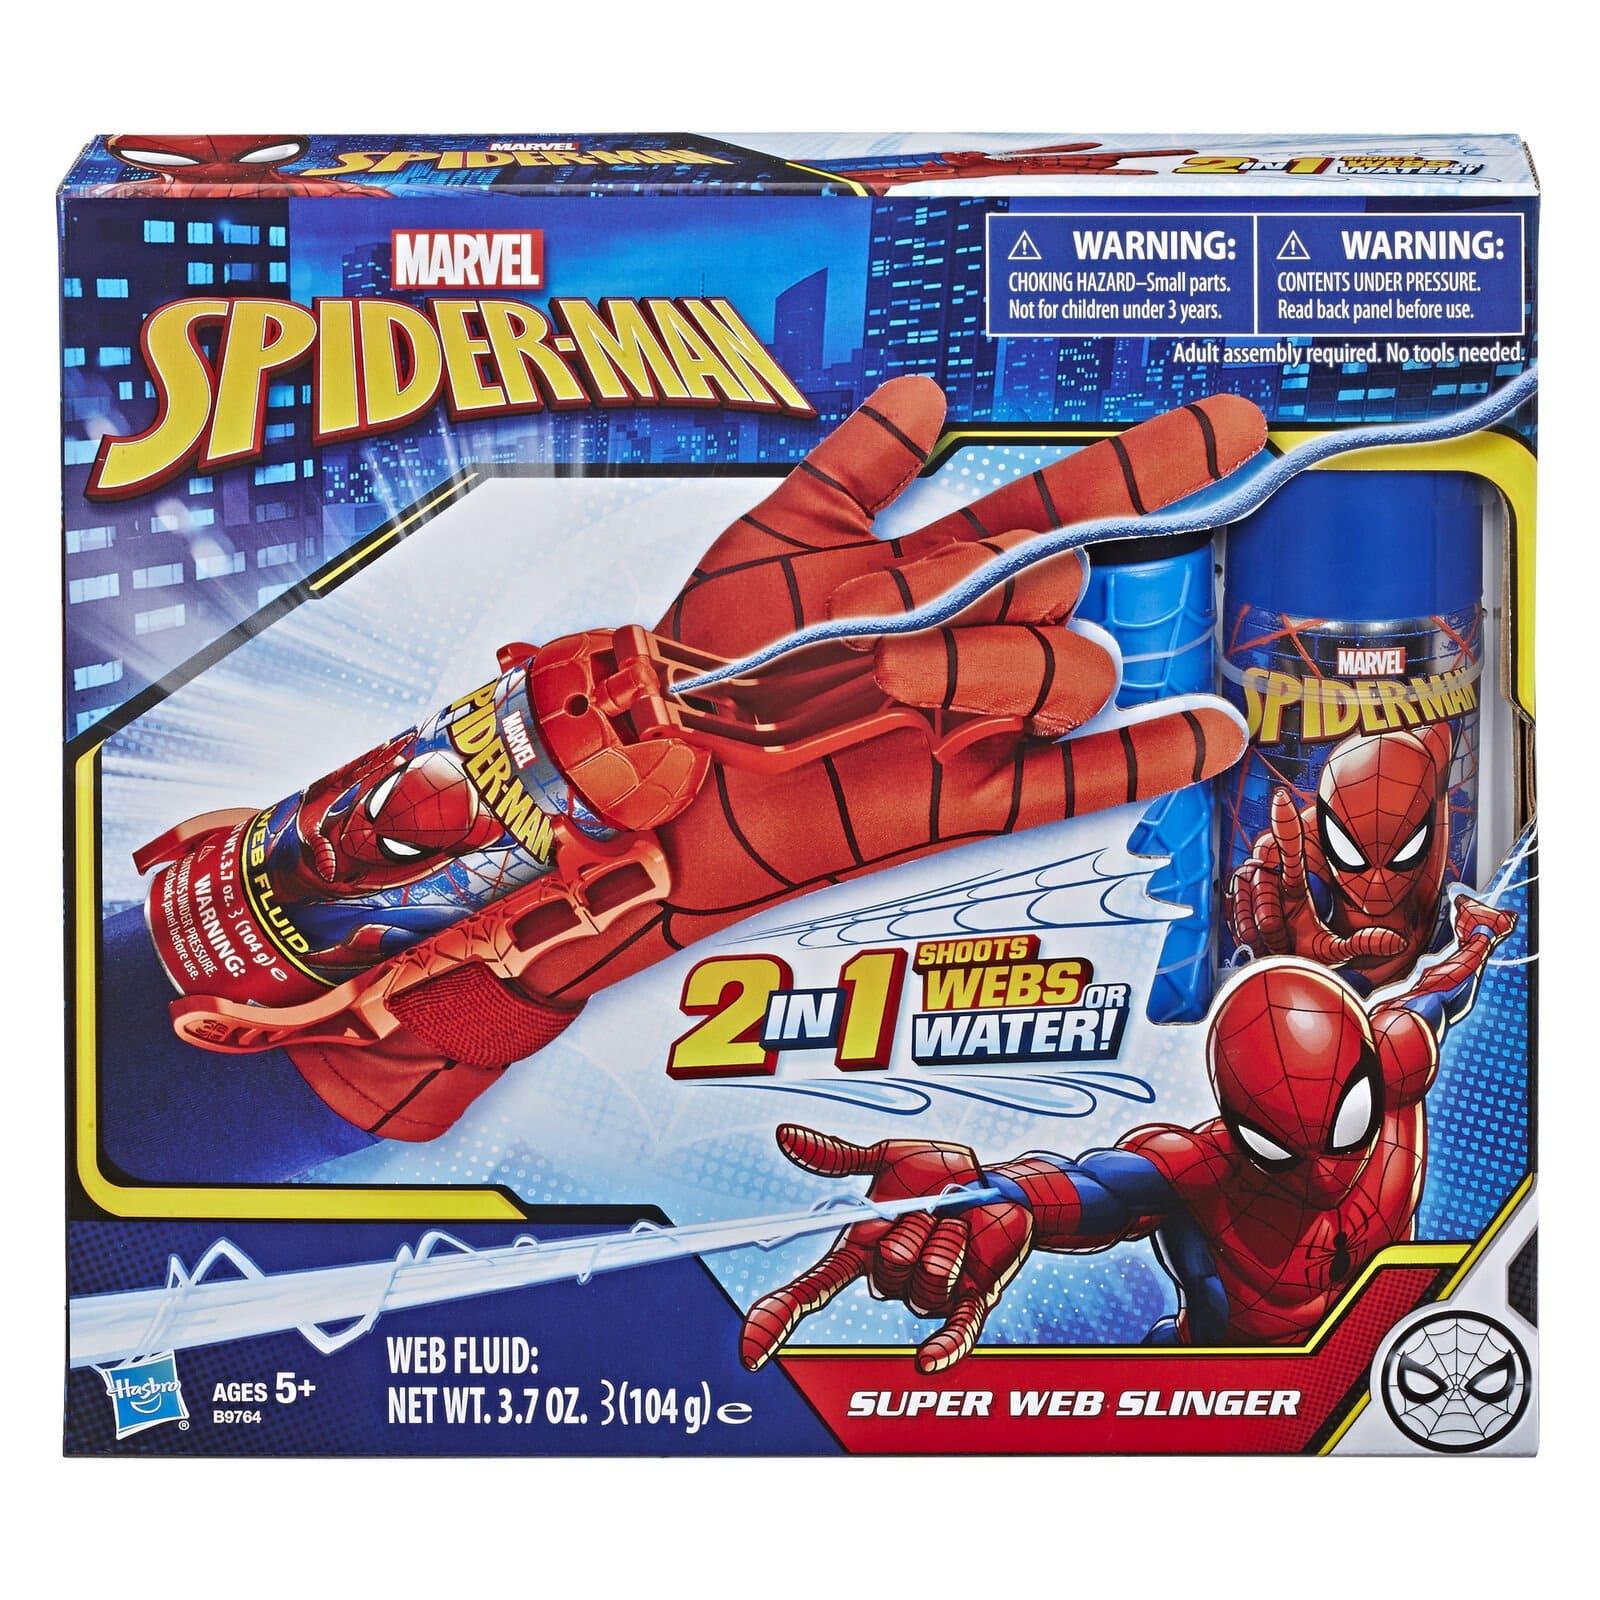 漫威 蜘蛛人 超級網子發射器玩具